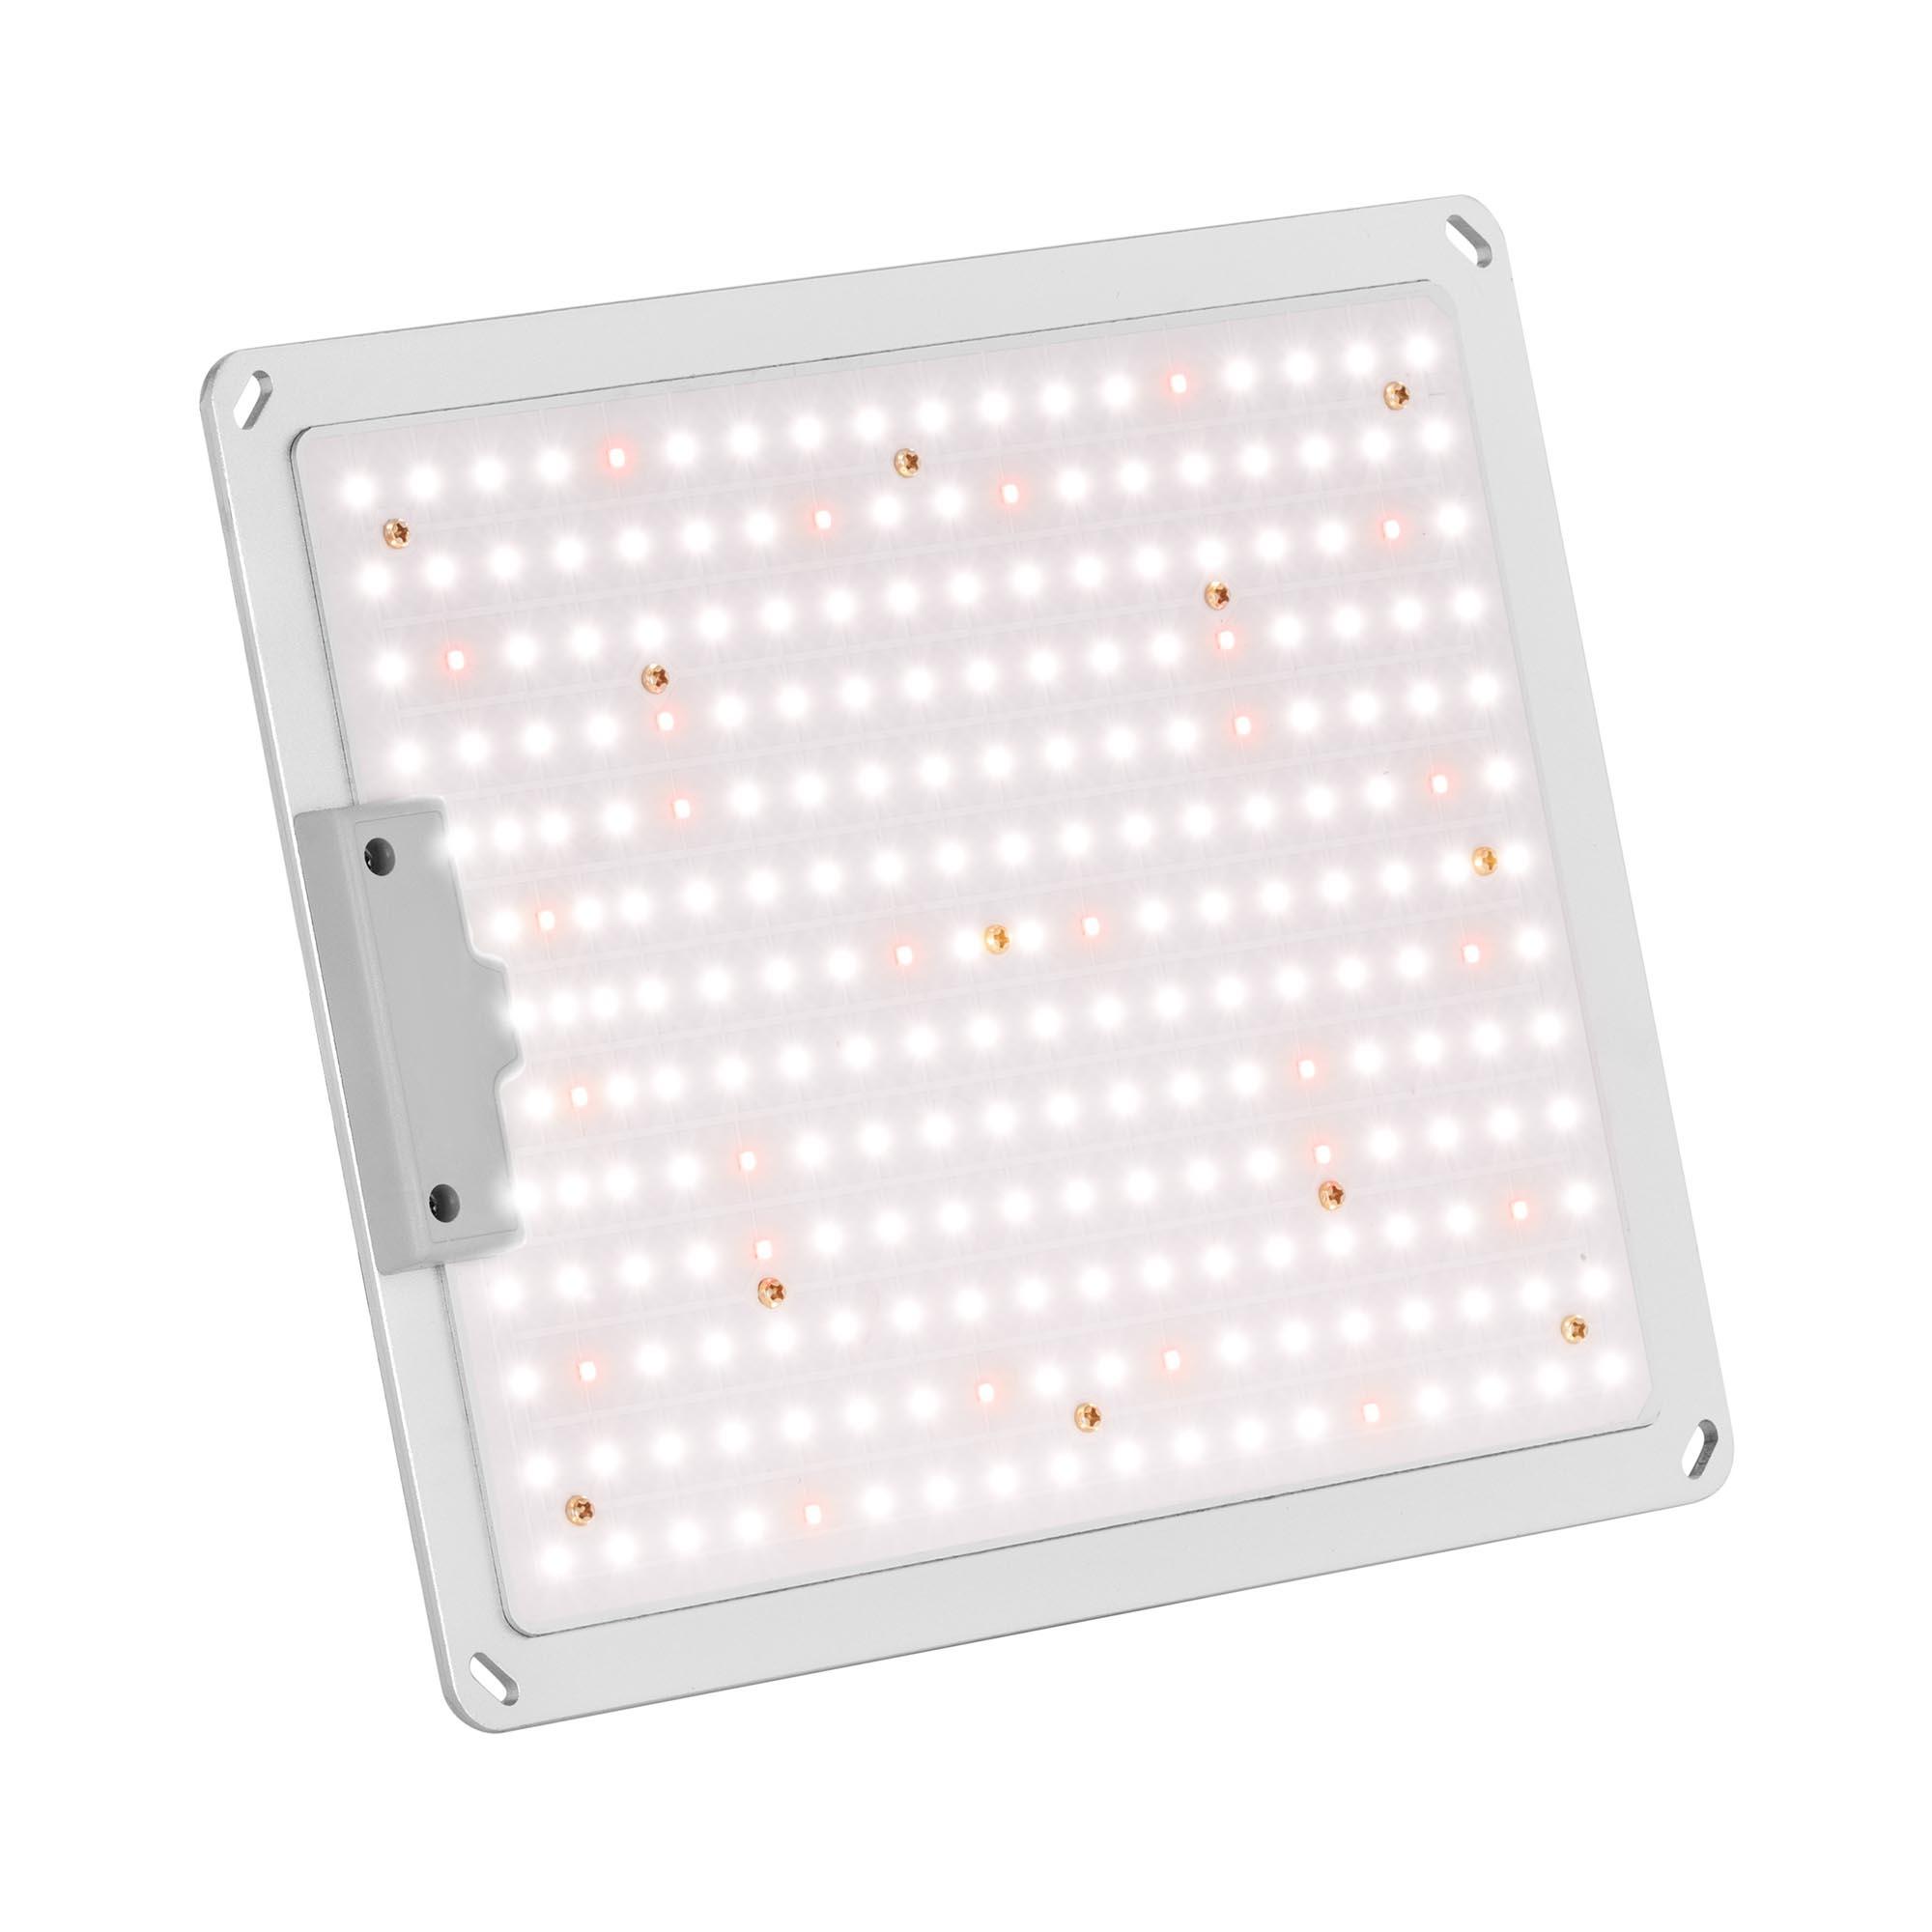 hillvert lampada per piante - led - spettro completo - 1.000 w - 234 led ht-wedge-1000gl